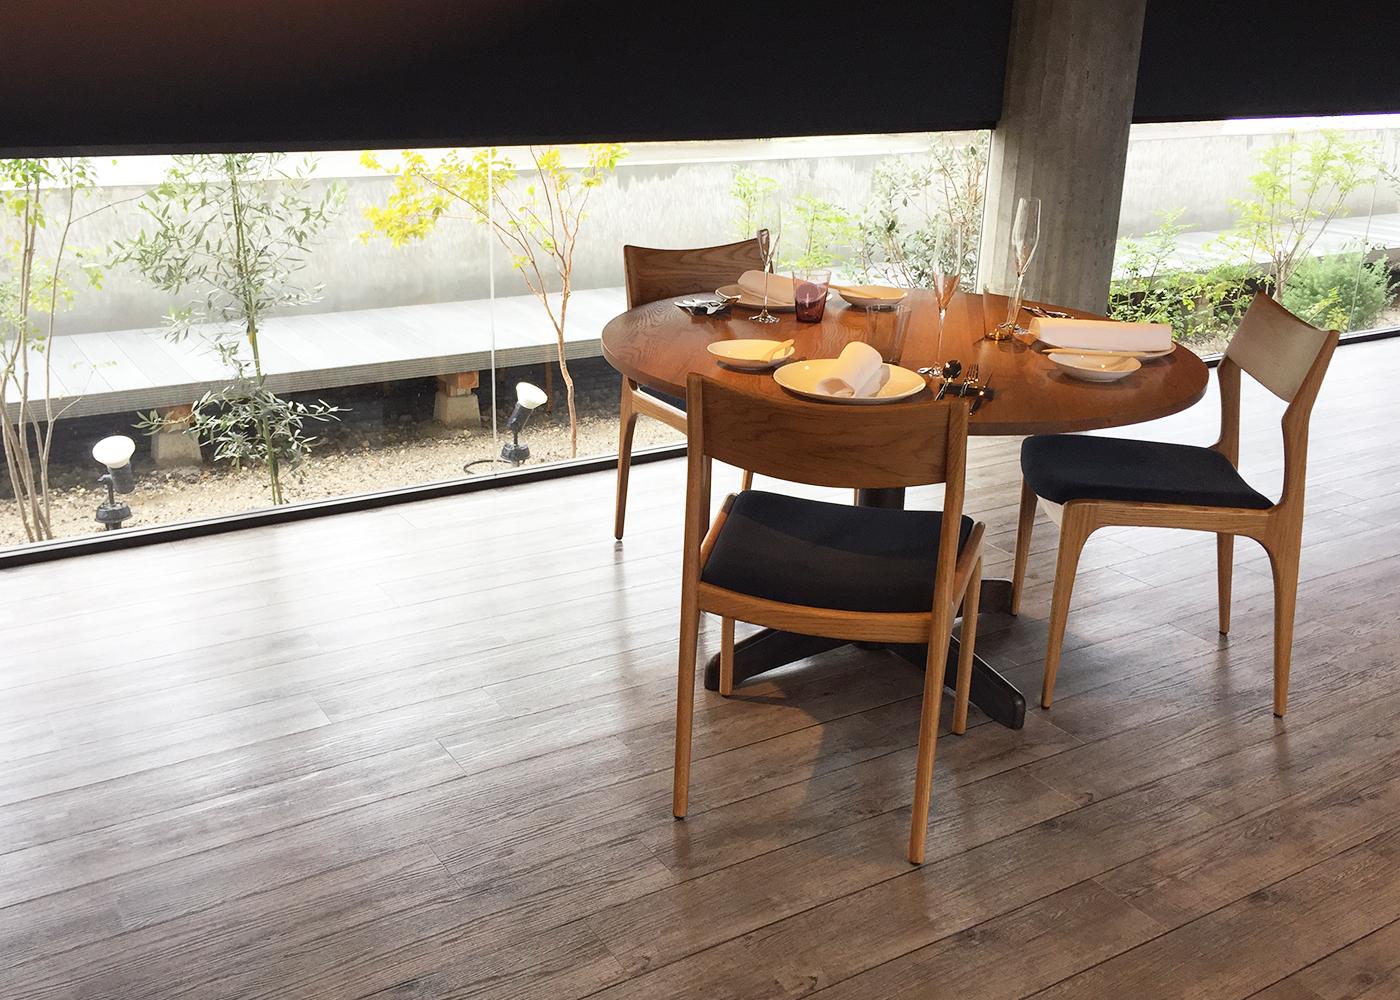 京都フレンチanpeiji様家具納品事例